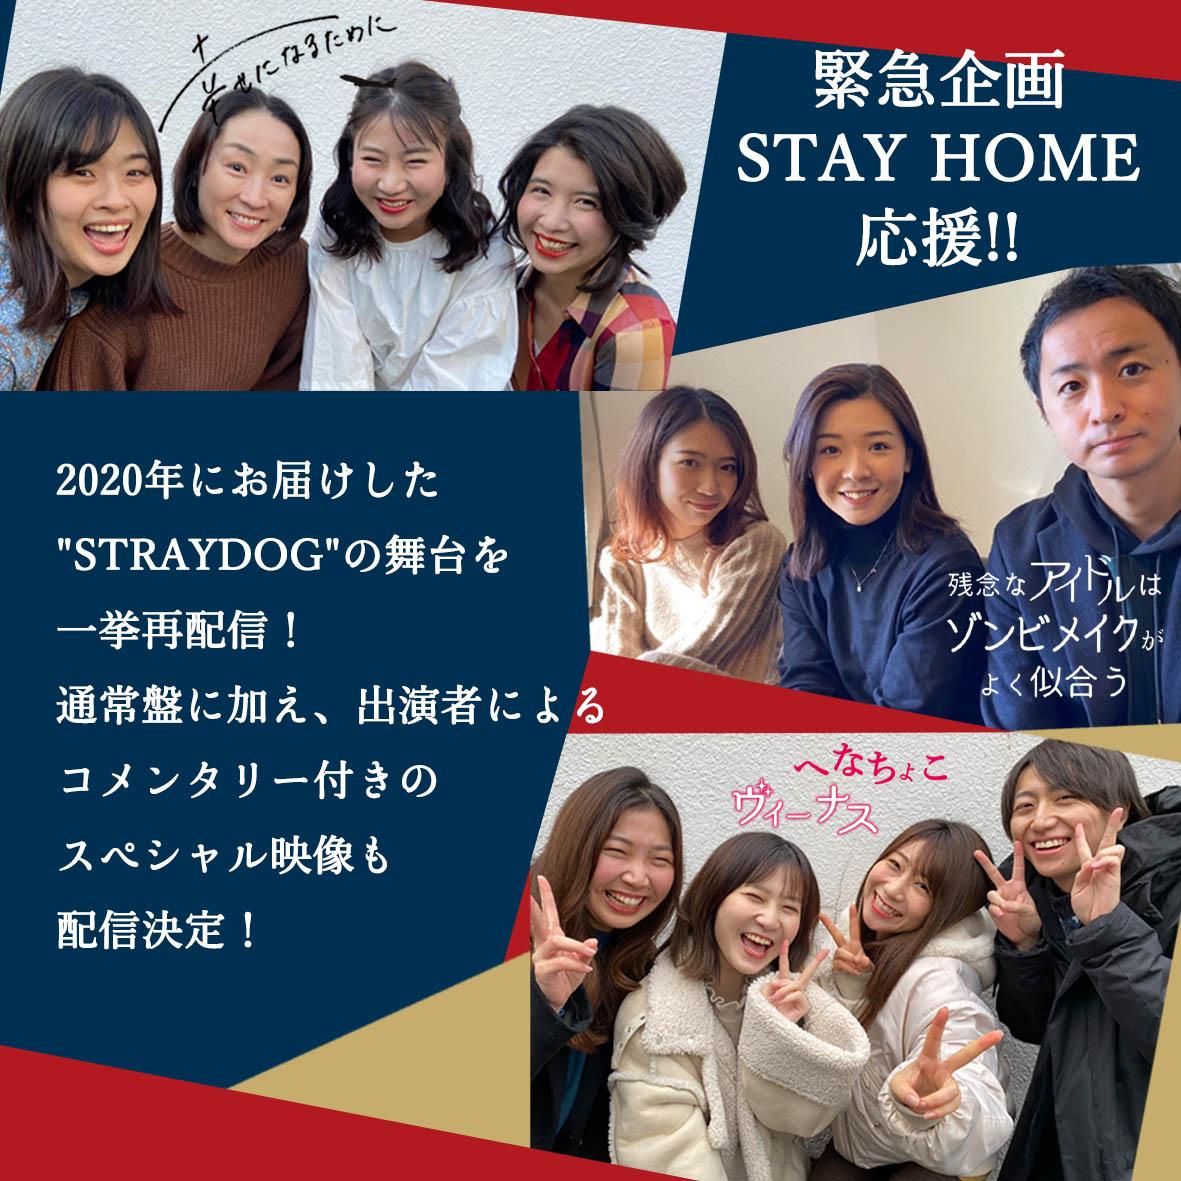 藤田円香 出演舞台『残念なアイドルはゾンビメイクがよく似合う』リバイバル配信決定!